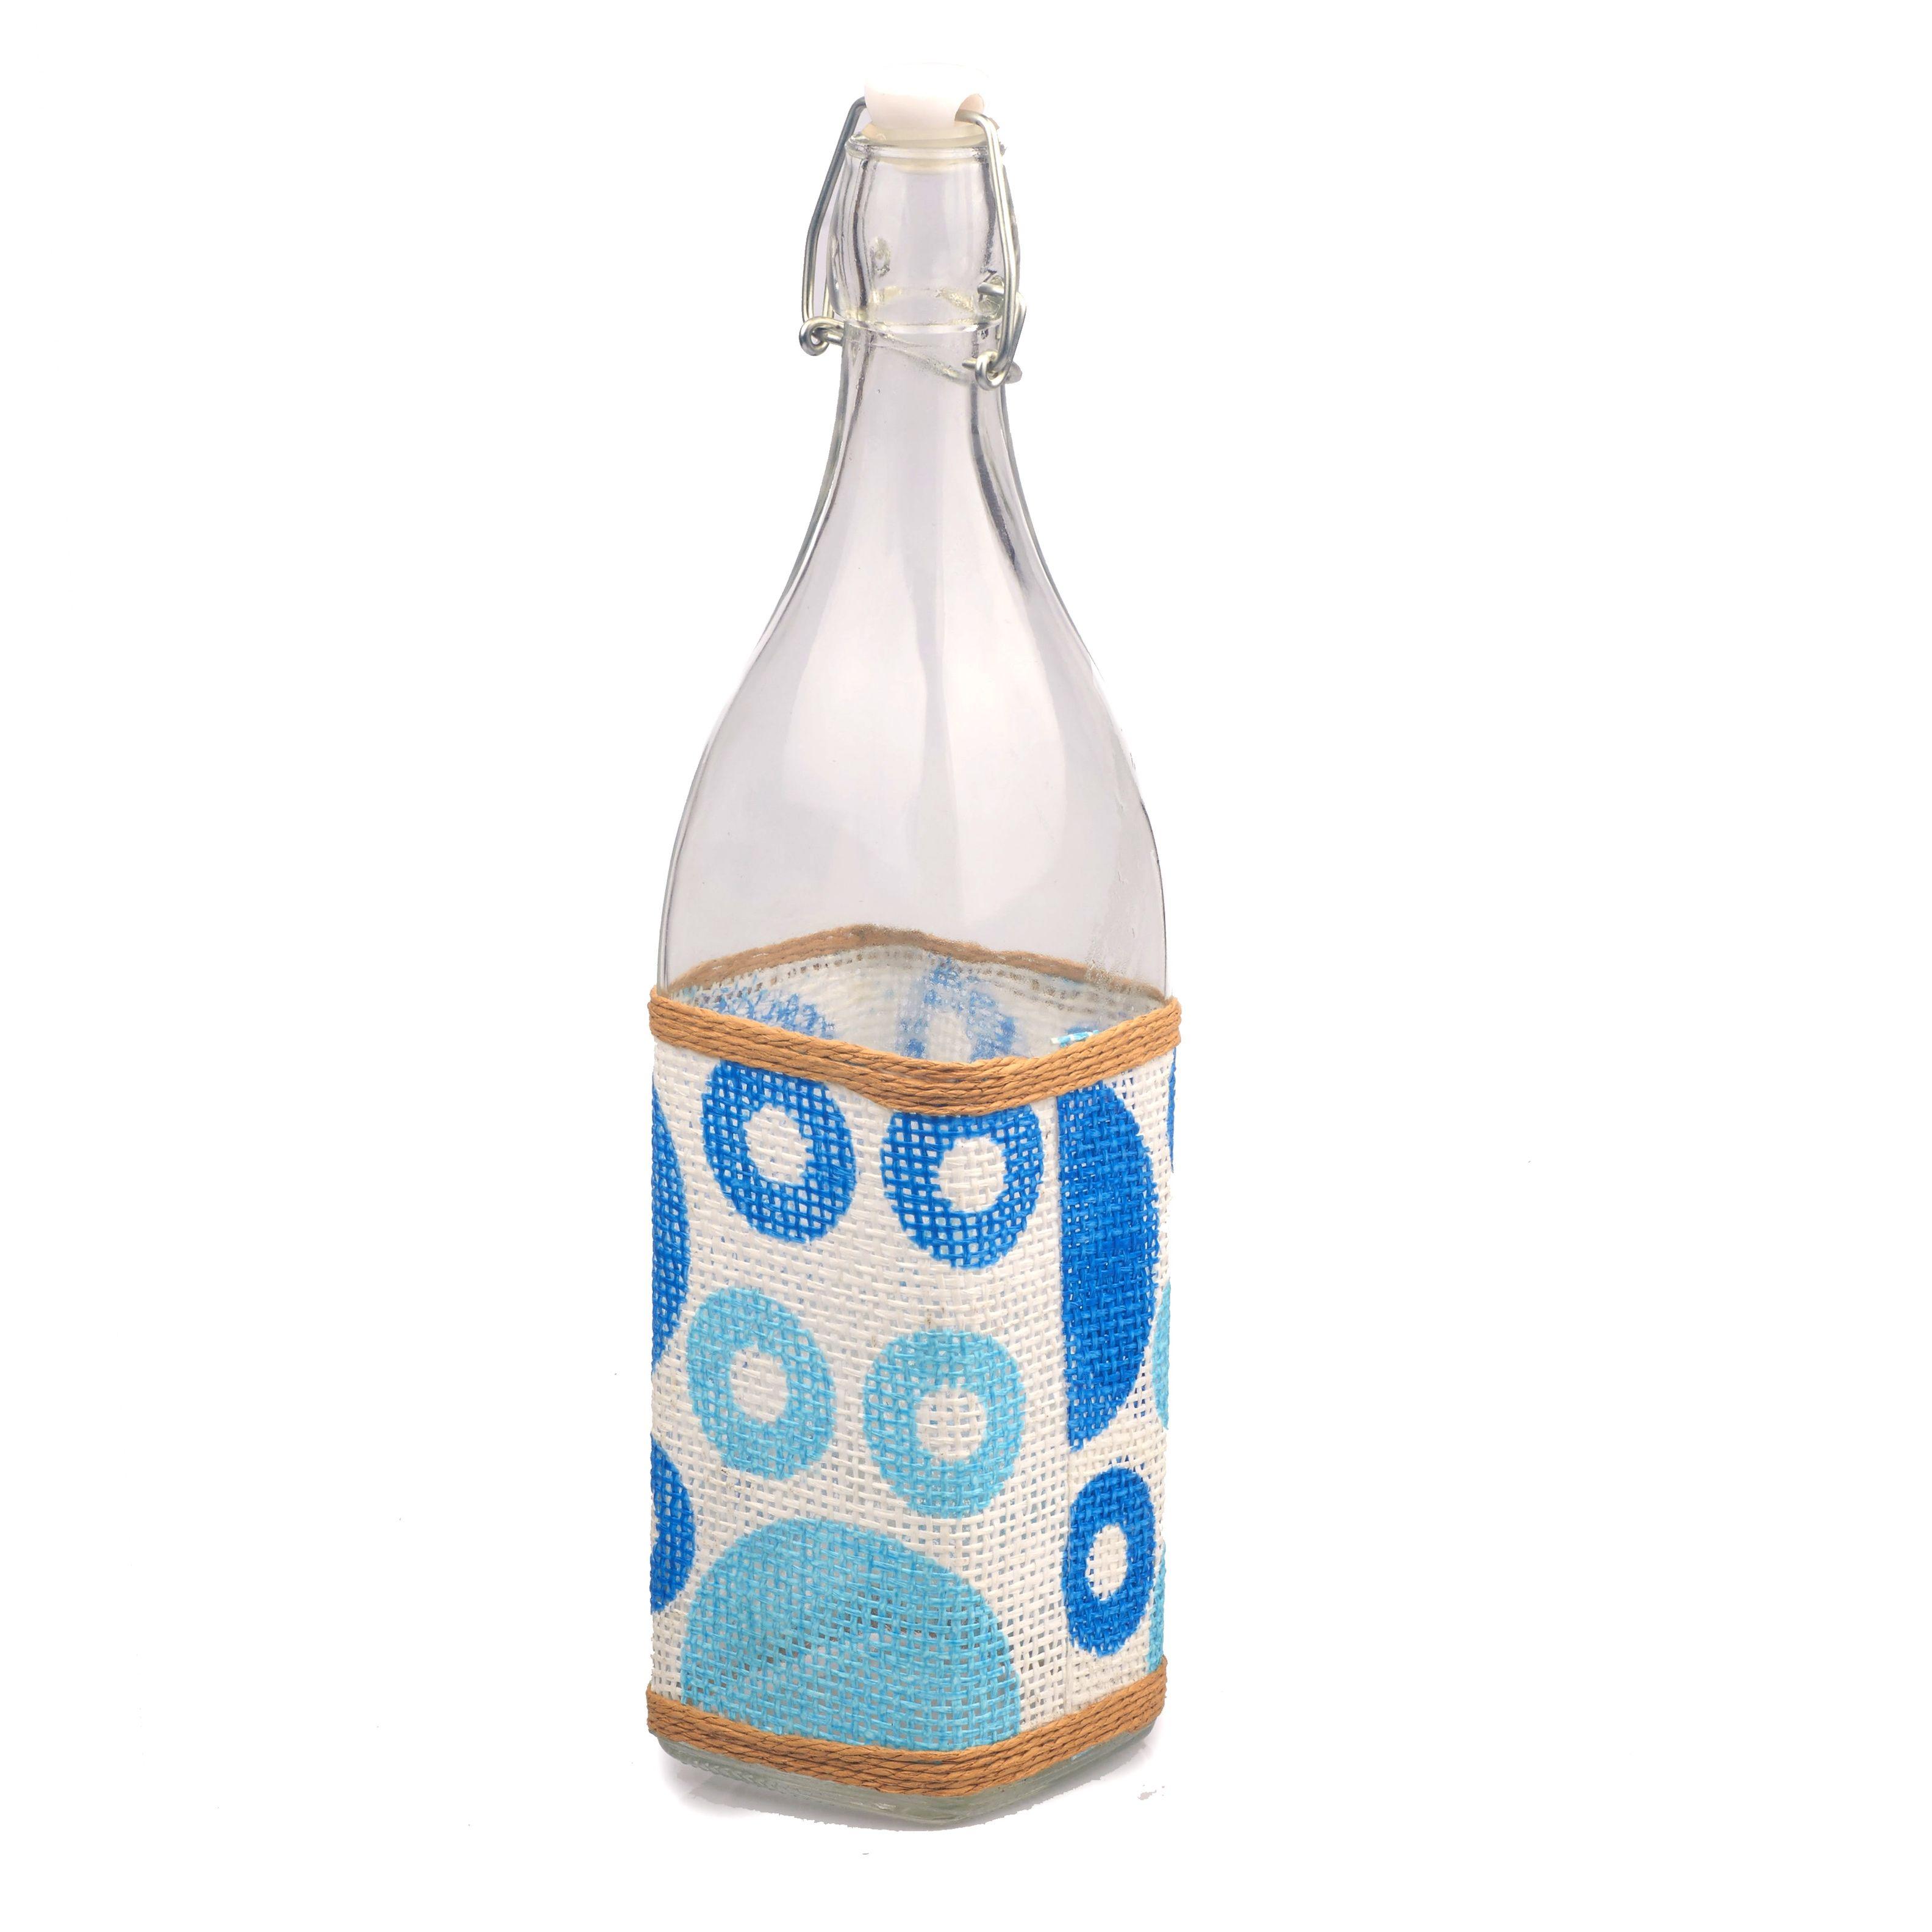 Compre 2018 Nuevo Creativo Llamativo Hermoso Cuadrado Forma Té Jugo De  Fruta Bebida Botella Taza Planta Flor Florero De Cristal Inicio Decoración  De ... 3b83f2f2feae